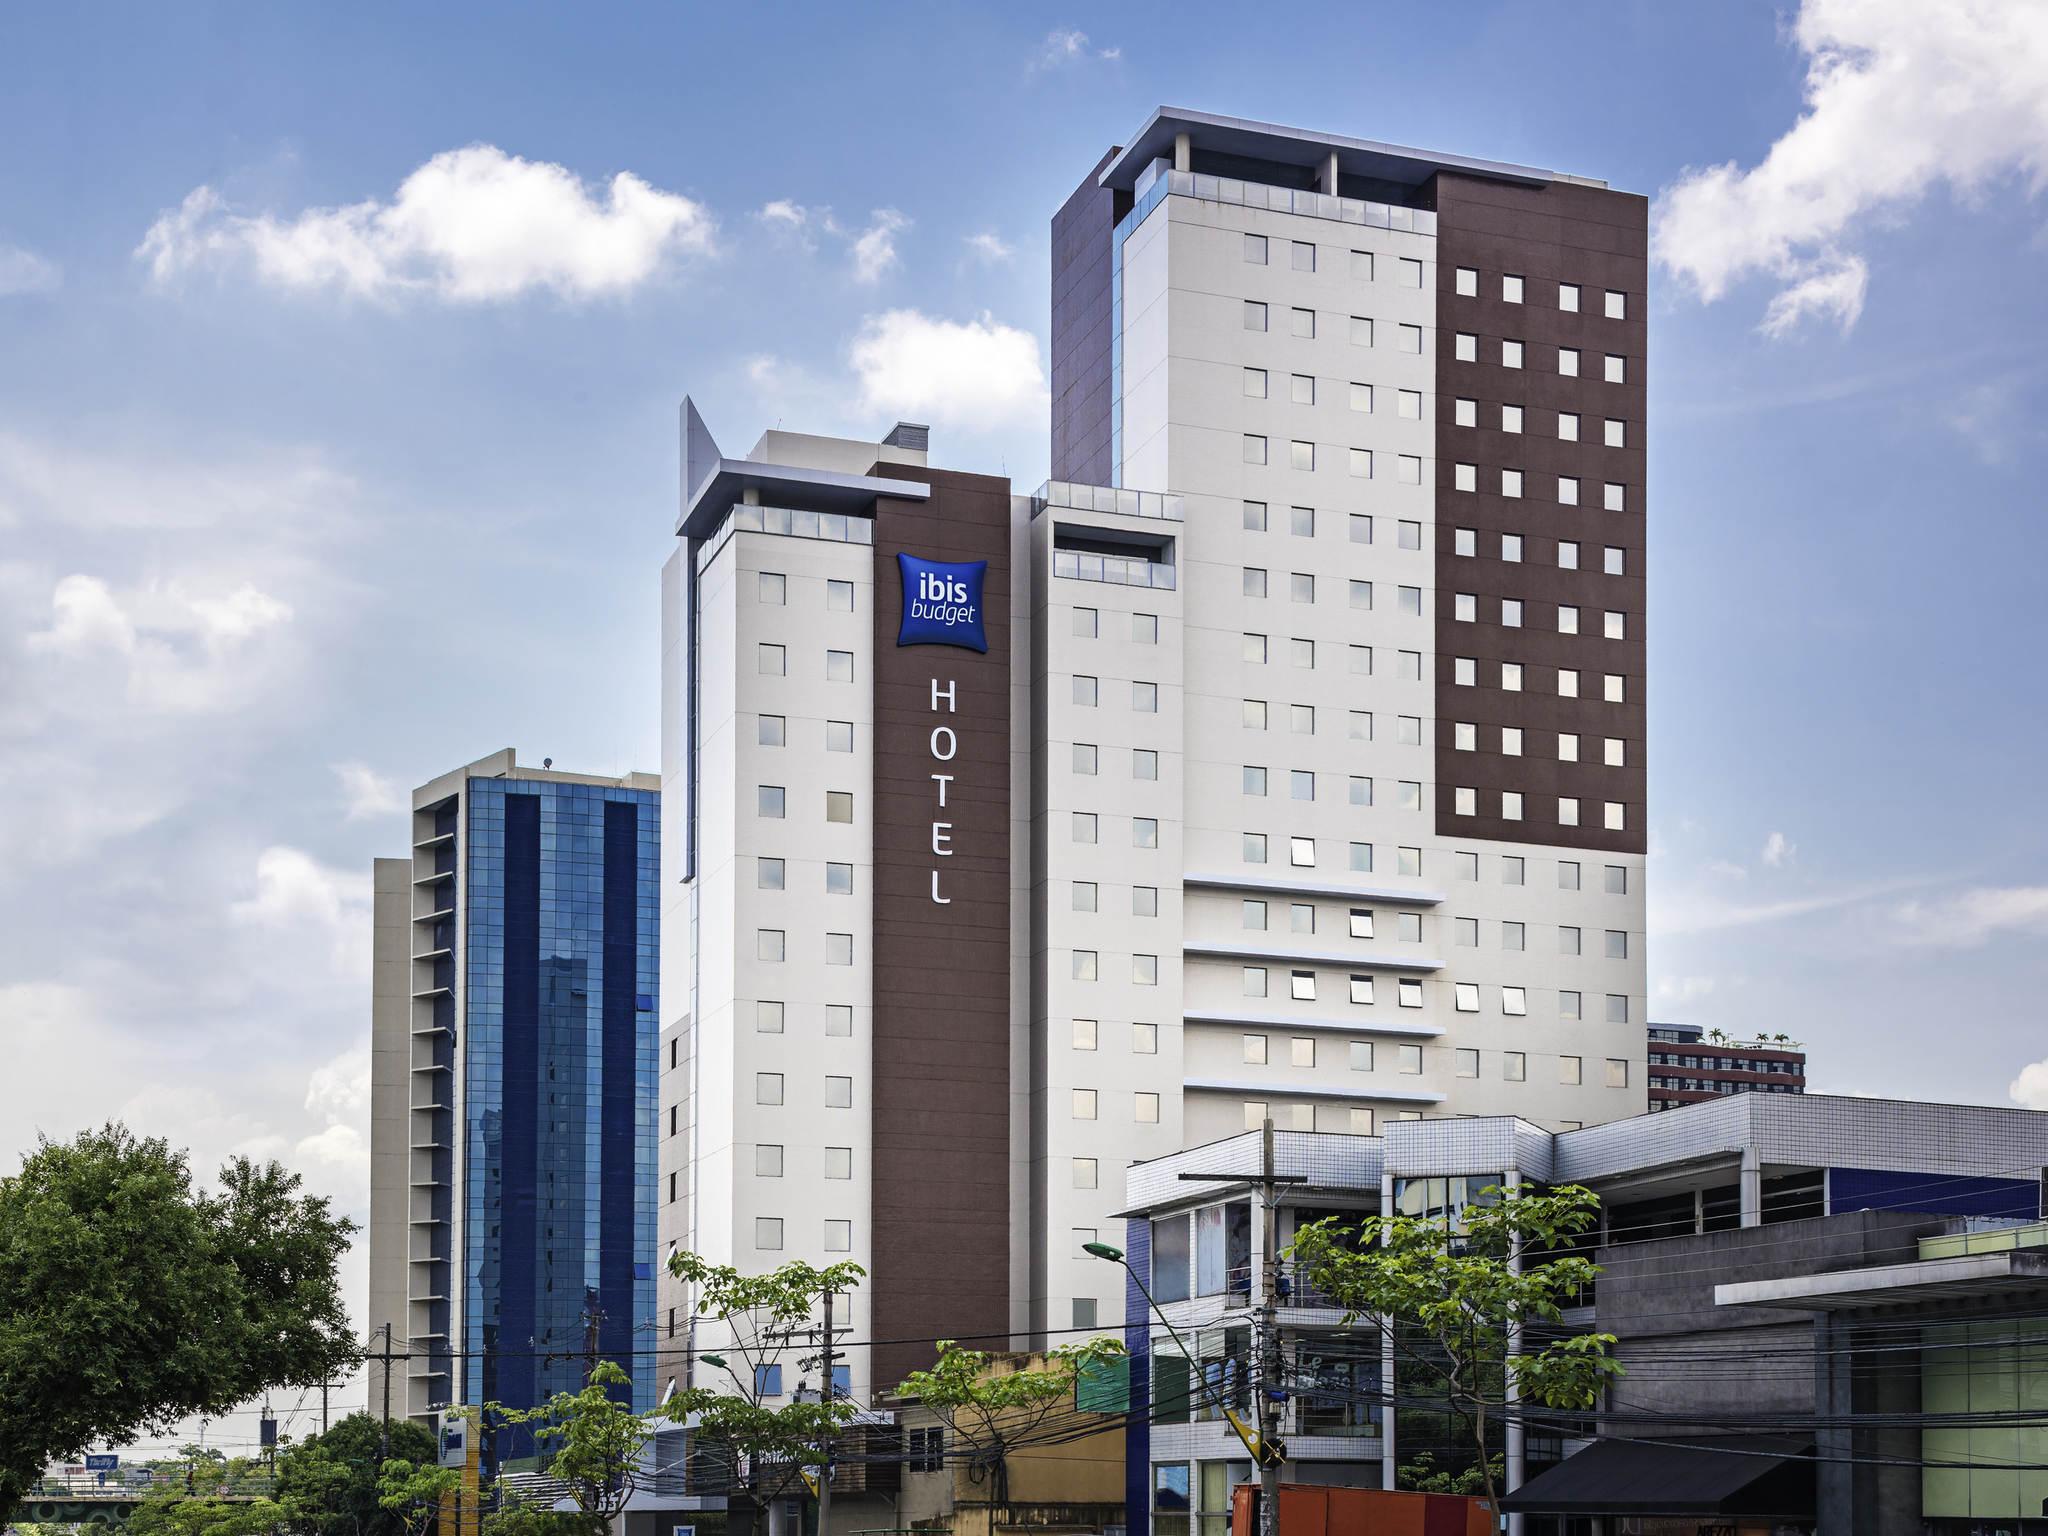 酒店 – 宜必思快捷马瑙斯酒店(2015 年 12 月开业)